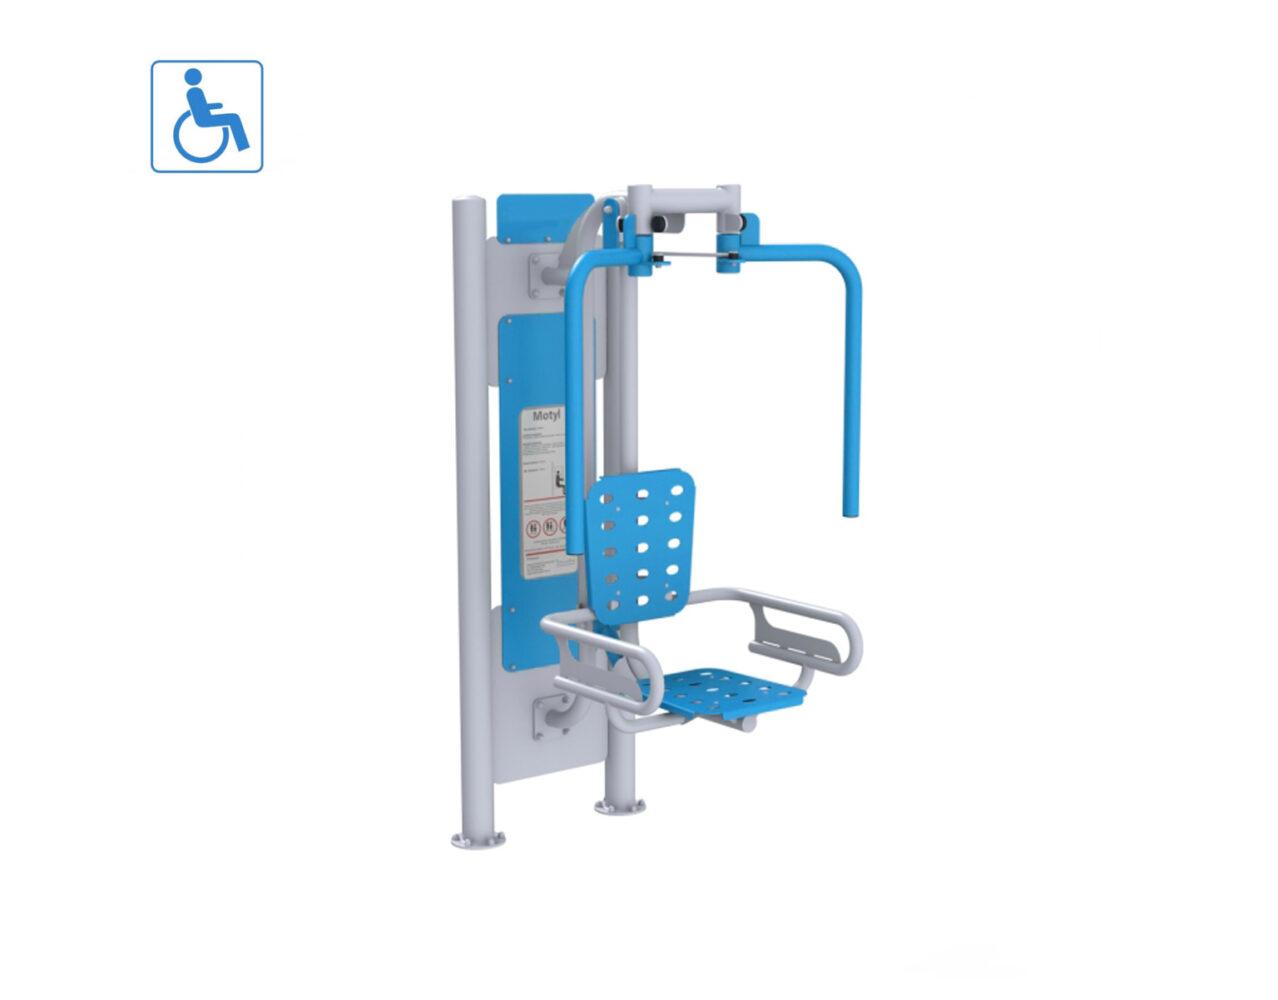 Motyl siłownie zewnętrzne integracyjne dla niepełnosprawnych siłownie parkowe siłownie dla niepełnosprawnych